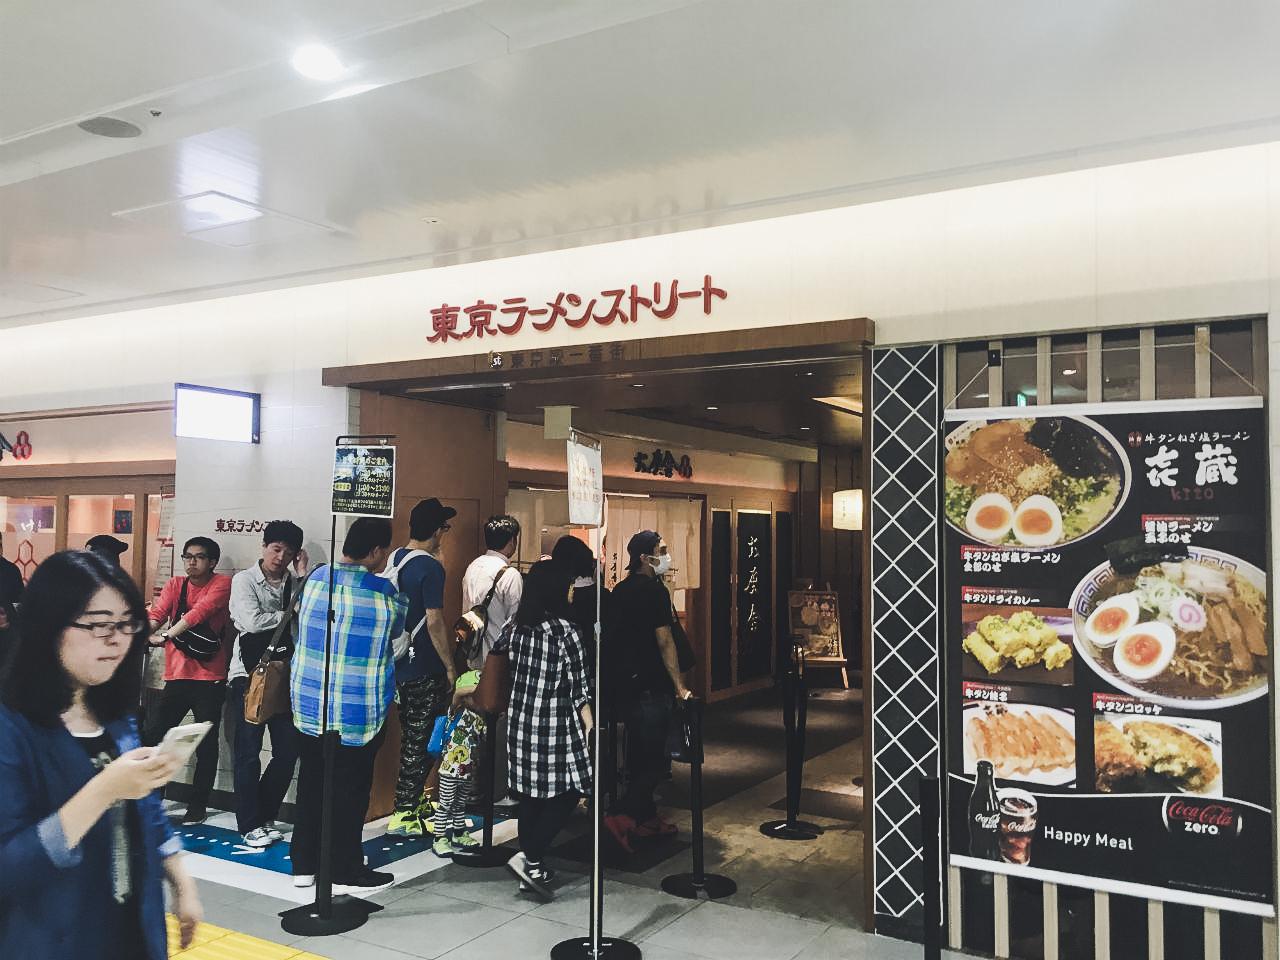 東京駅ラーメンストリート『つけ麺 六厘舎』へ東京観光のついでに行ってみた。